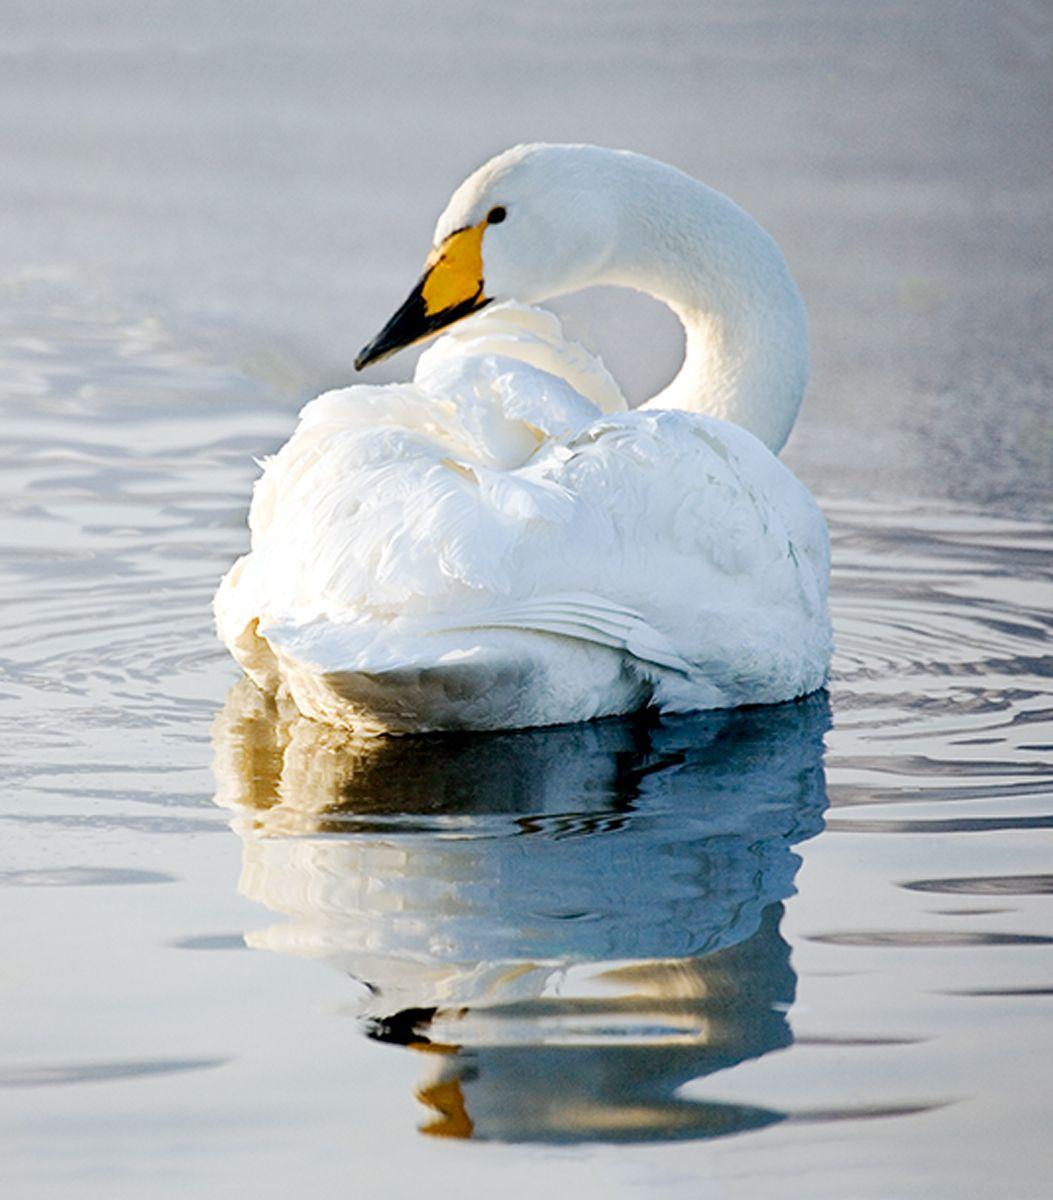 Classic Swan-Lake Kussharo, Hokkaido, Japan